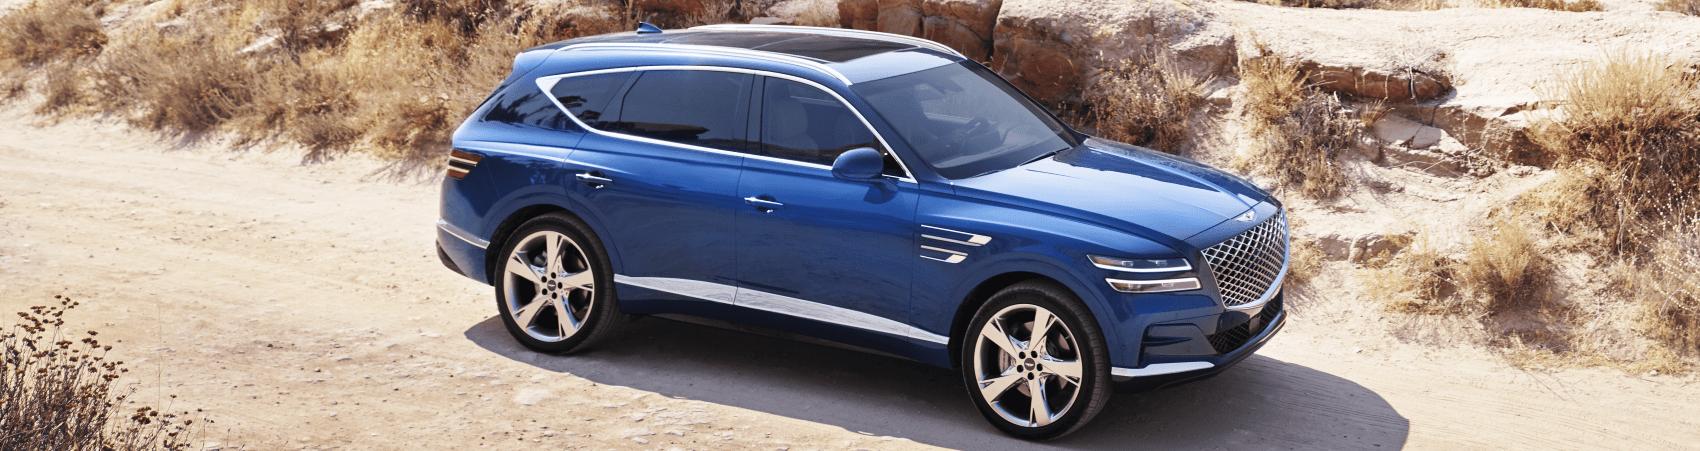 2021 Genesis GV80 Adriatic Blue